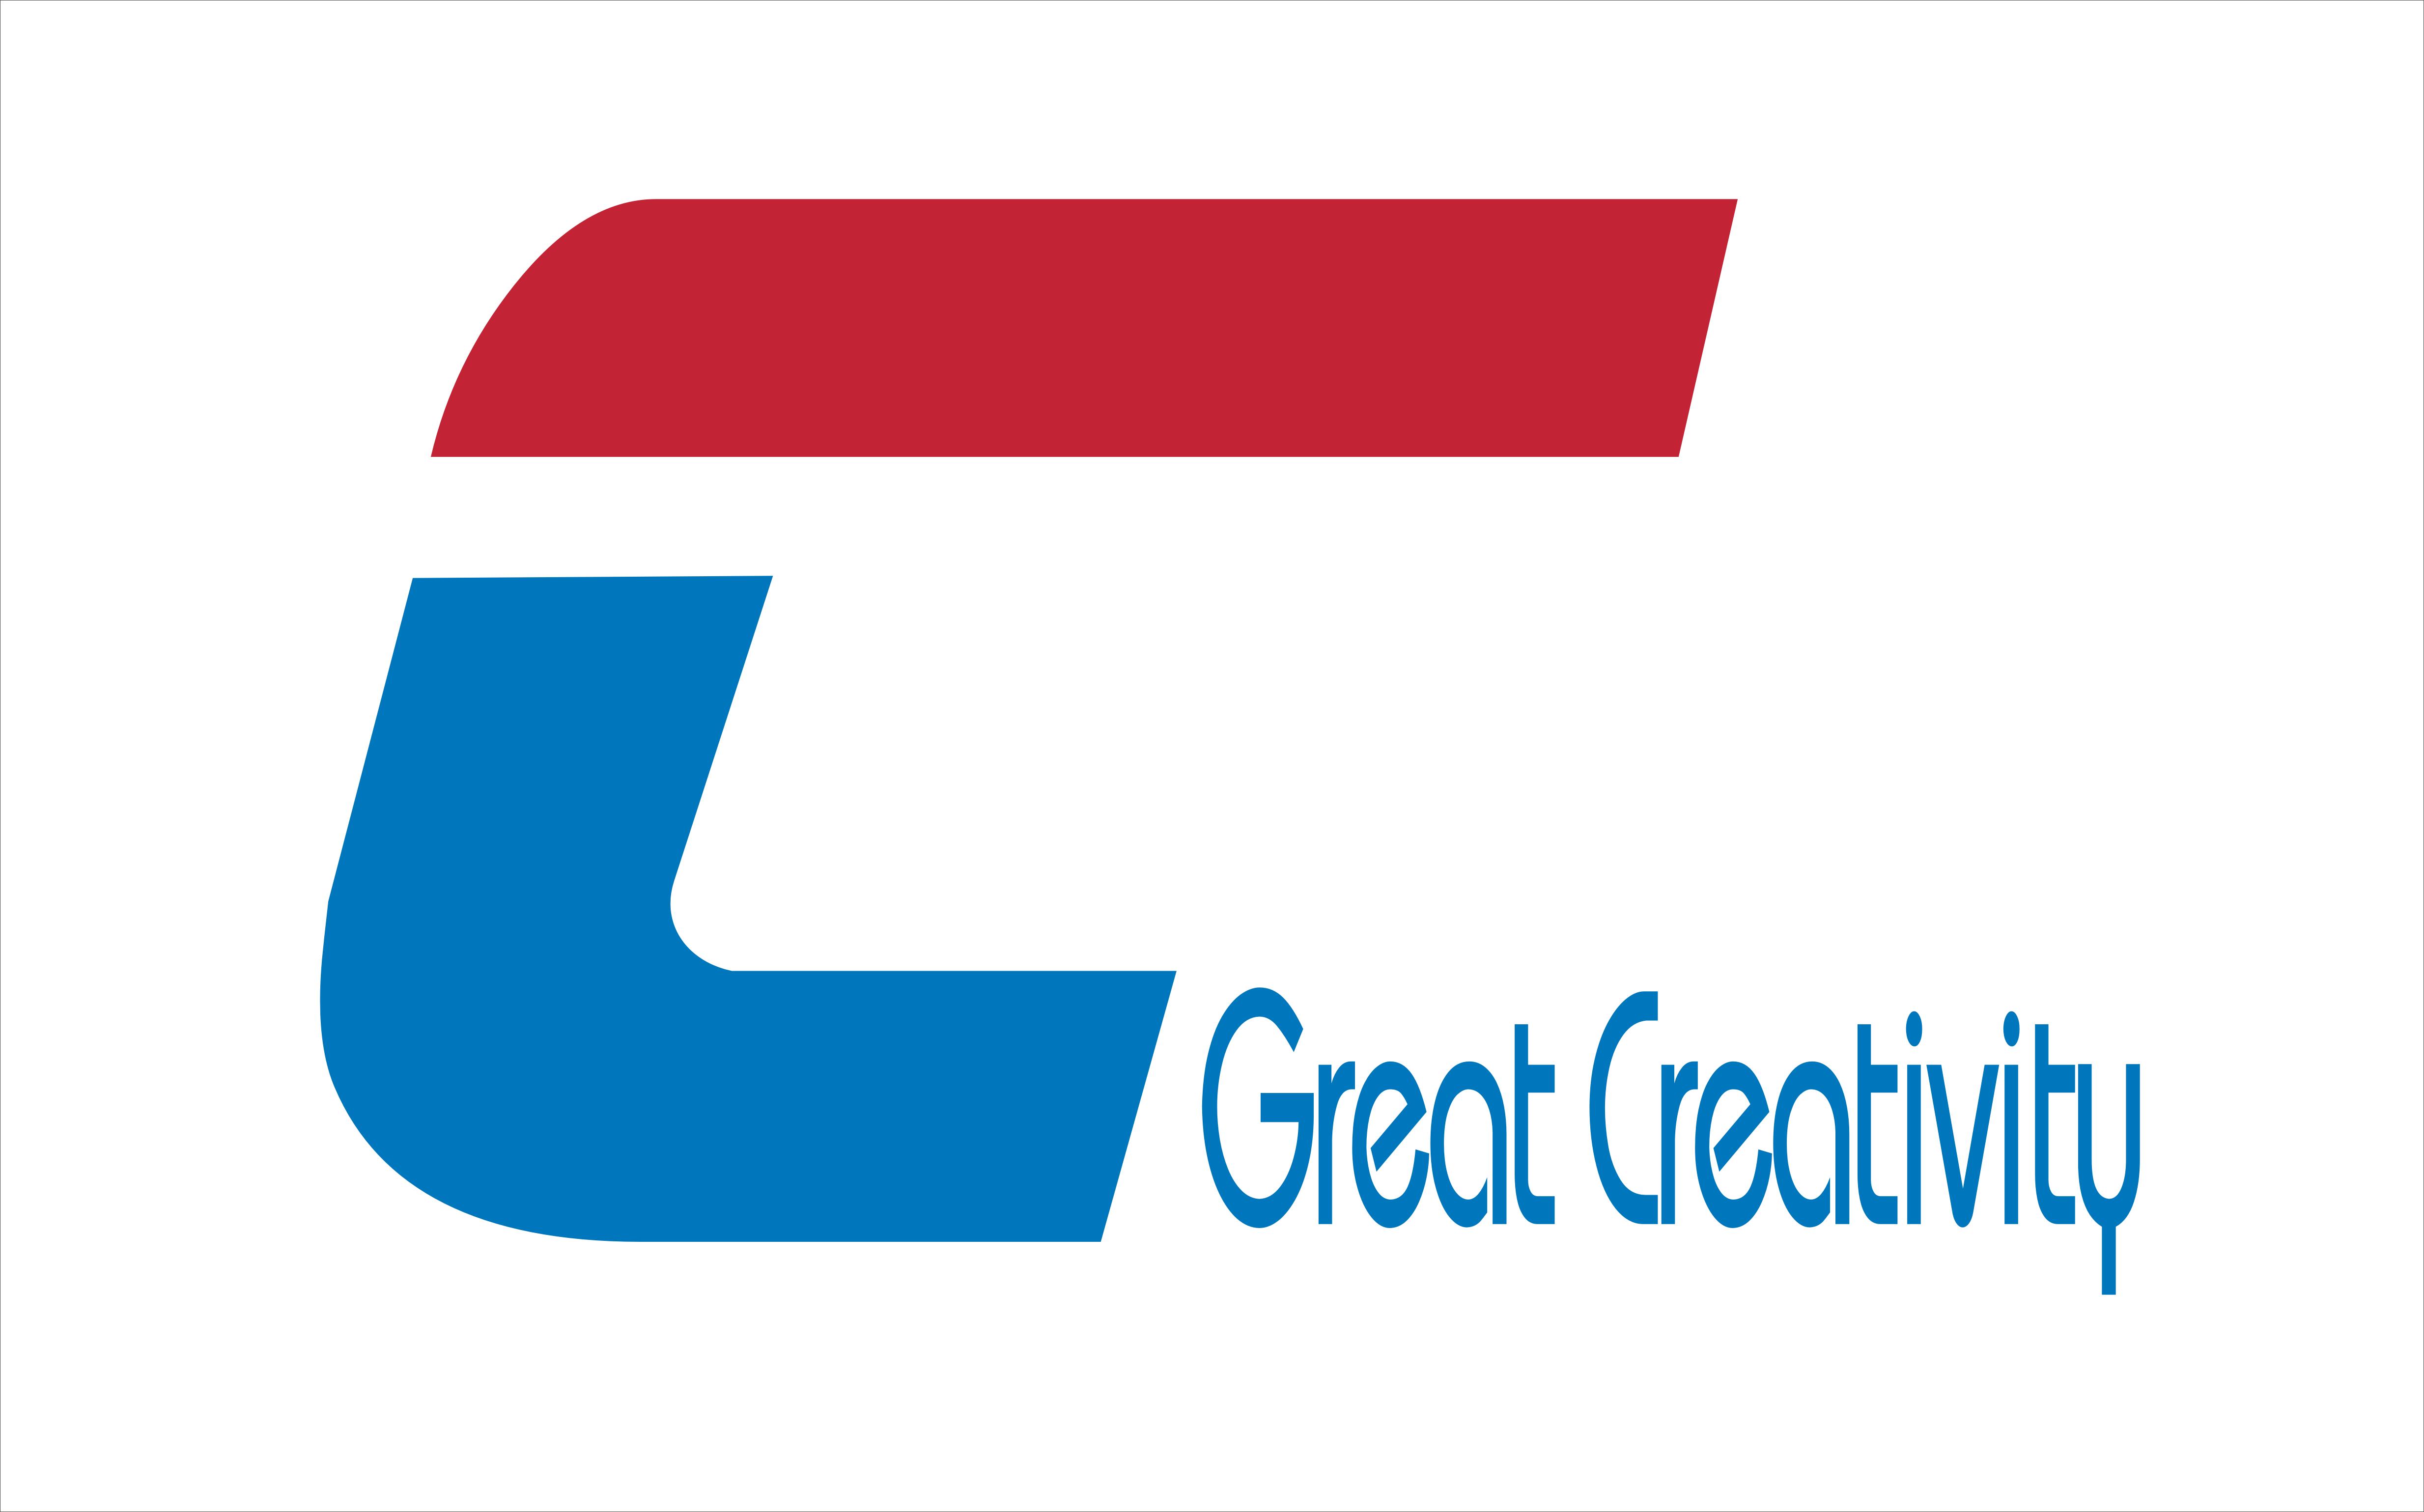 CXJCardfactory